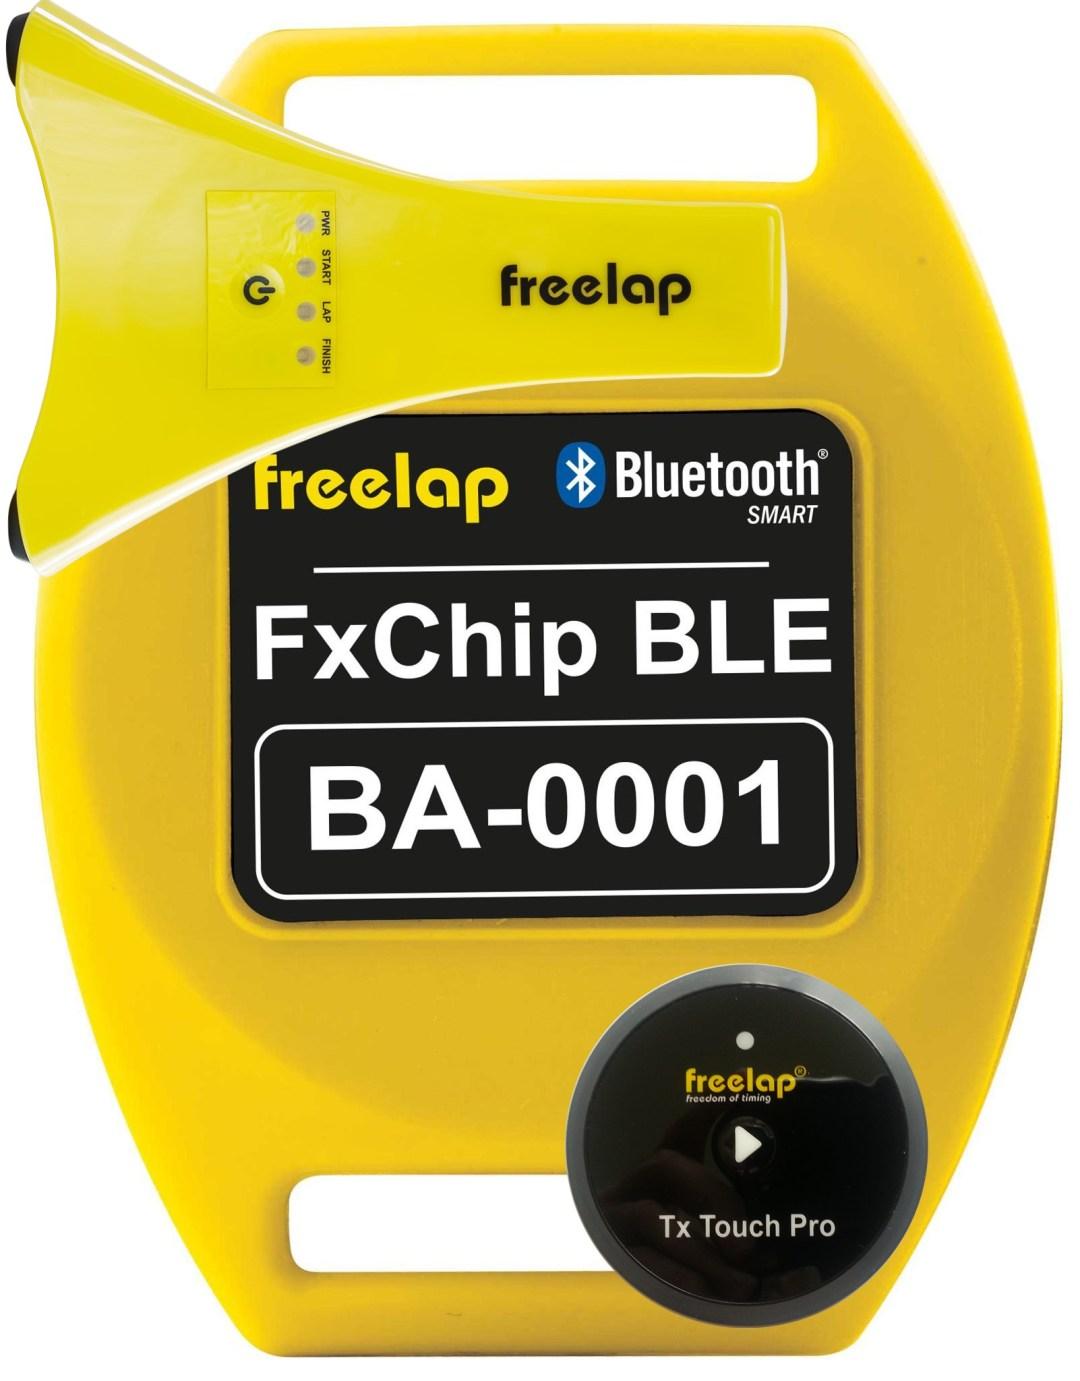 PRO BT Serie 111 FXChip BLE